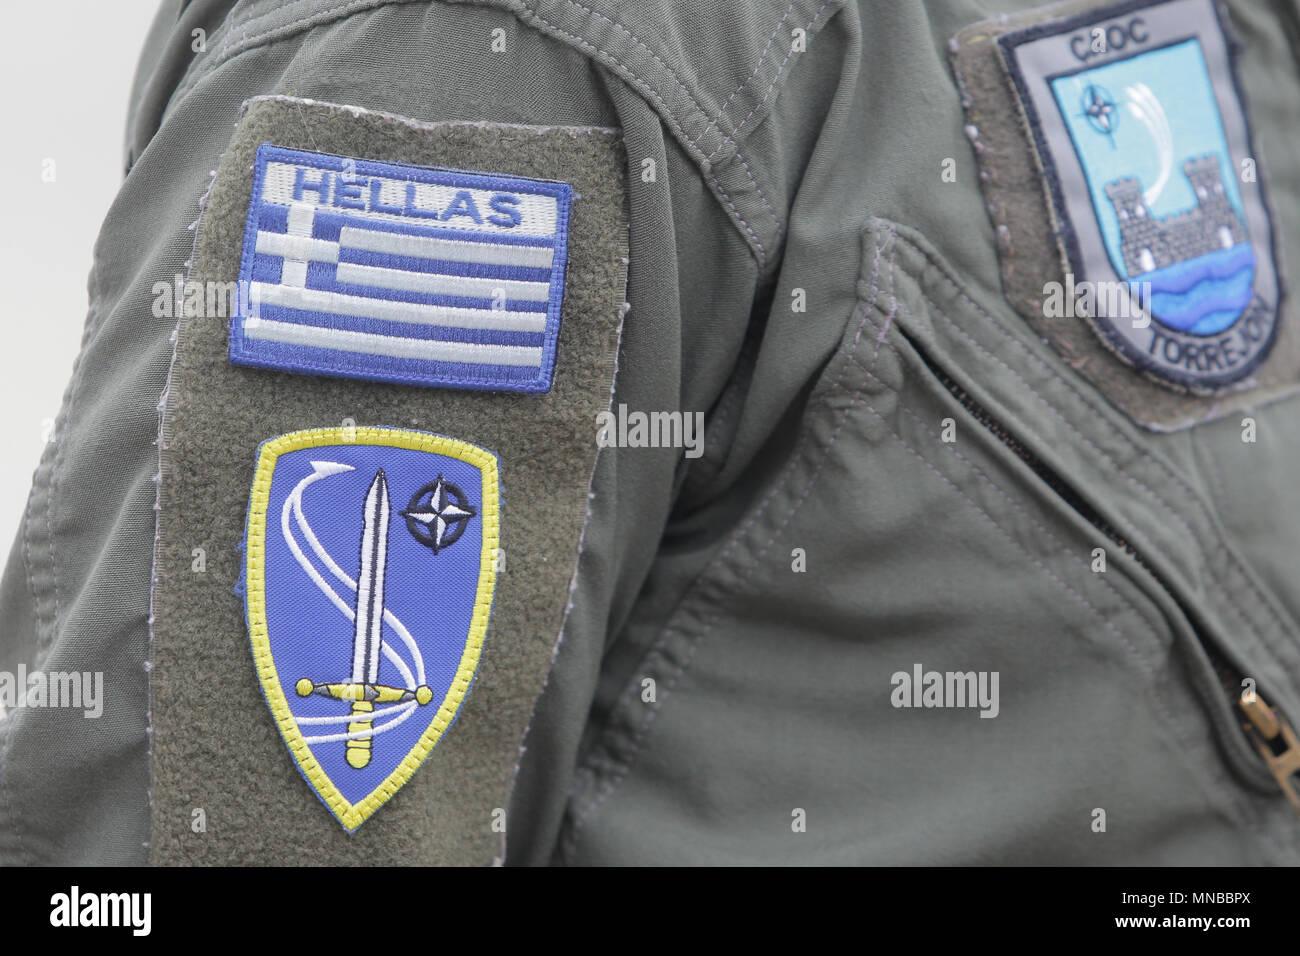 Símbolo de la fuerza aérea griega en un uniforme de soldado Imagen De Stock